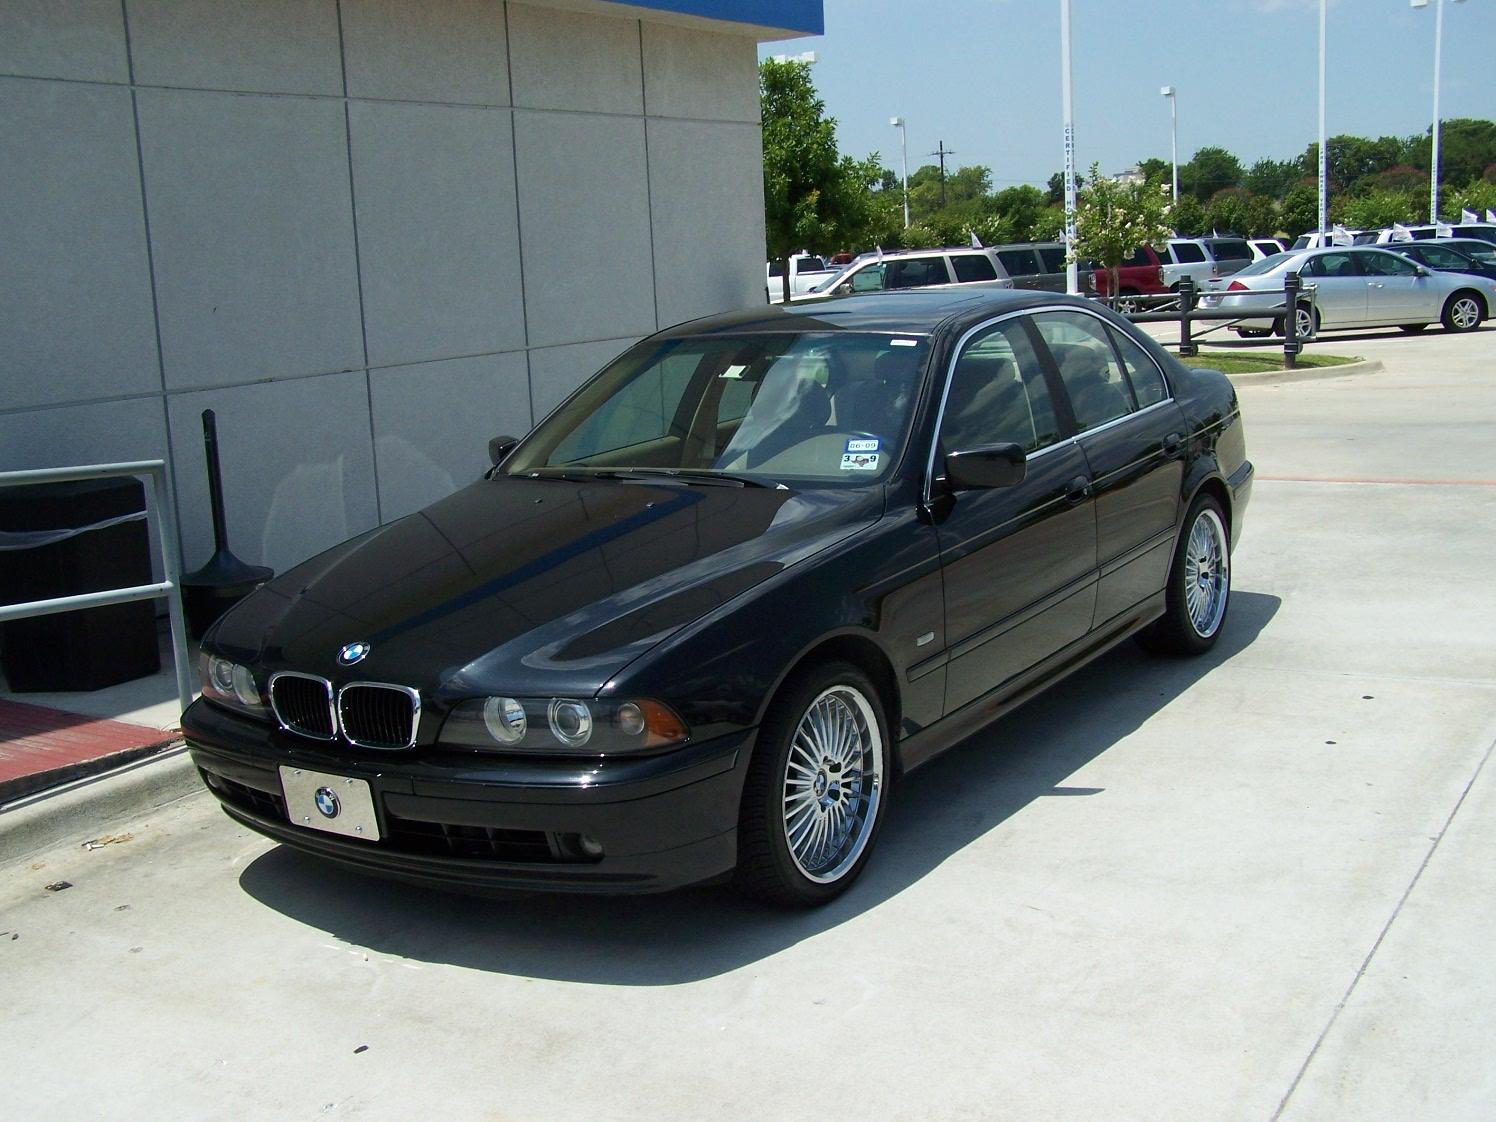 2002 Bmw 5 Series Exterior Pictures Cargurus